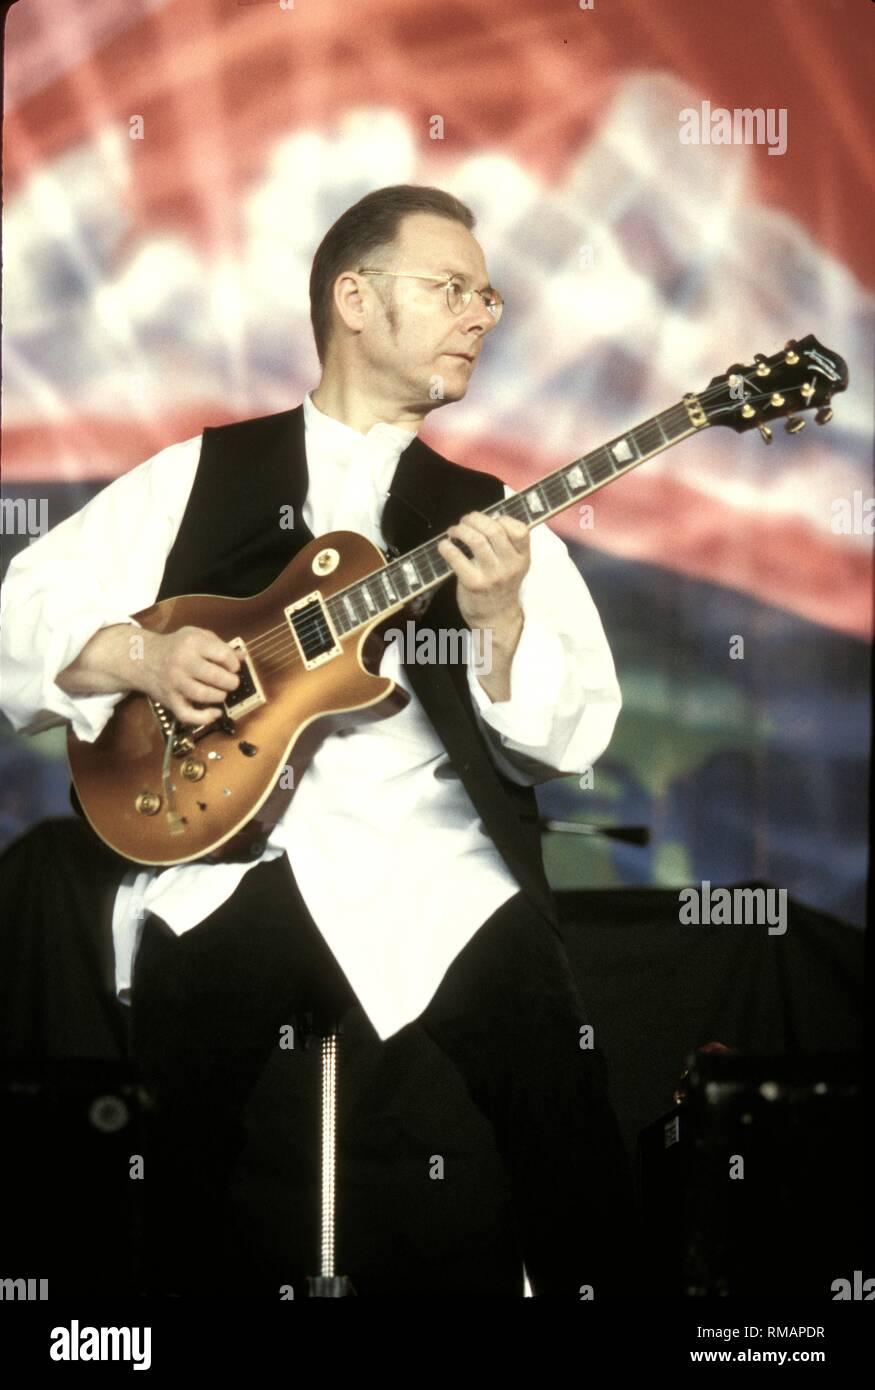 Robert Fripp fondateur de King Crimson est montré sur scène pendant un concert en direct de l'apparence. Photo Stock